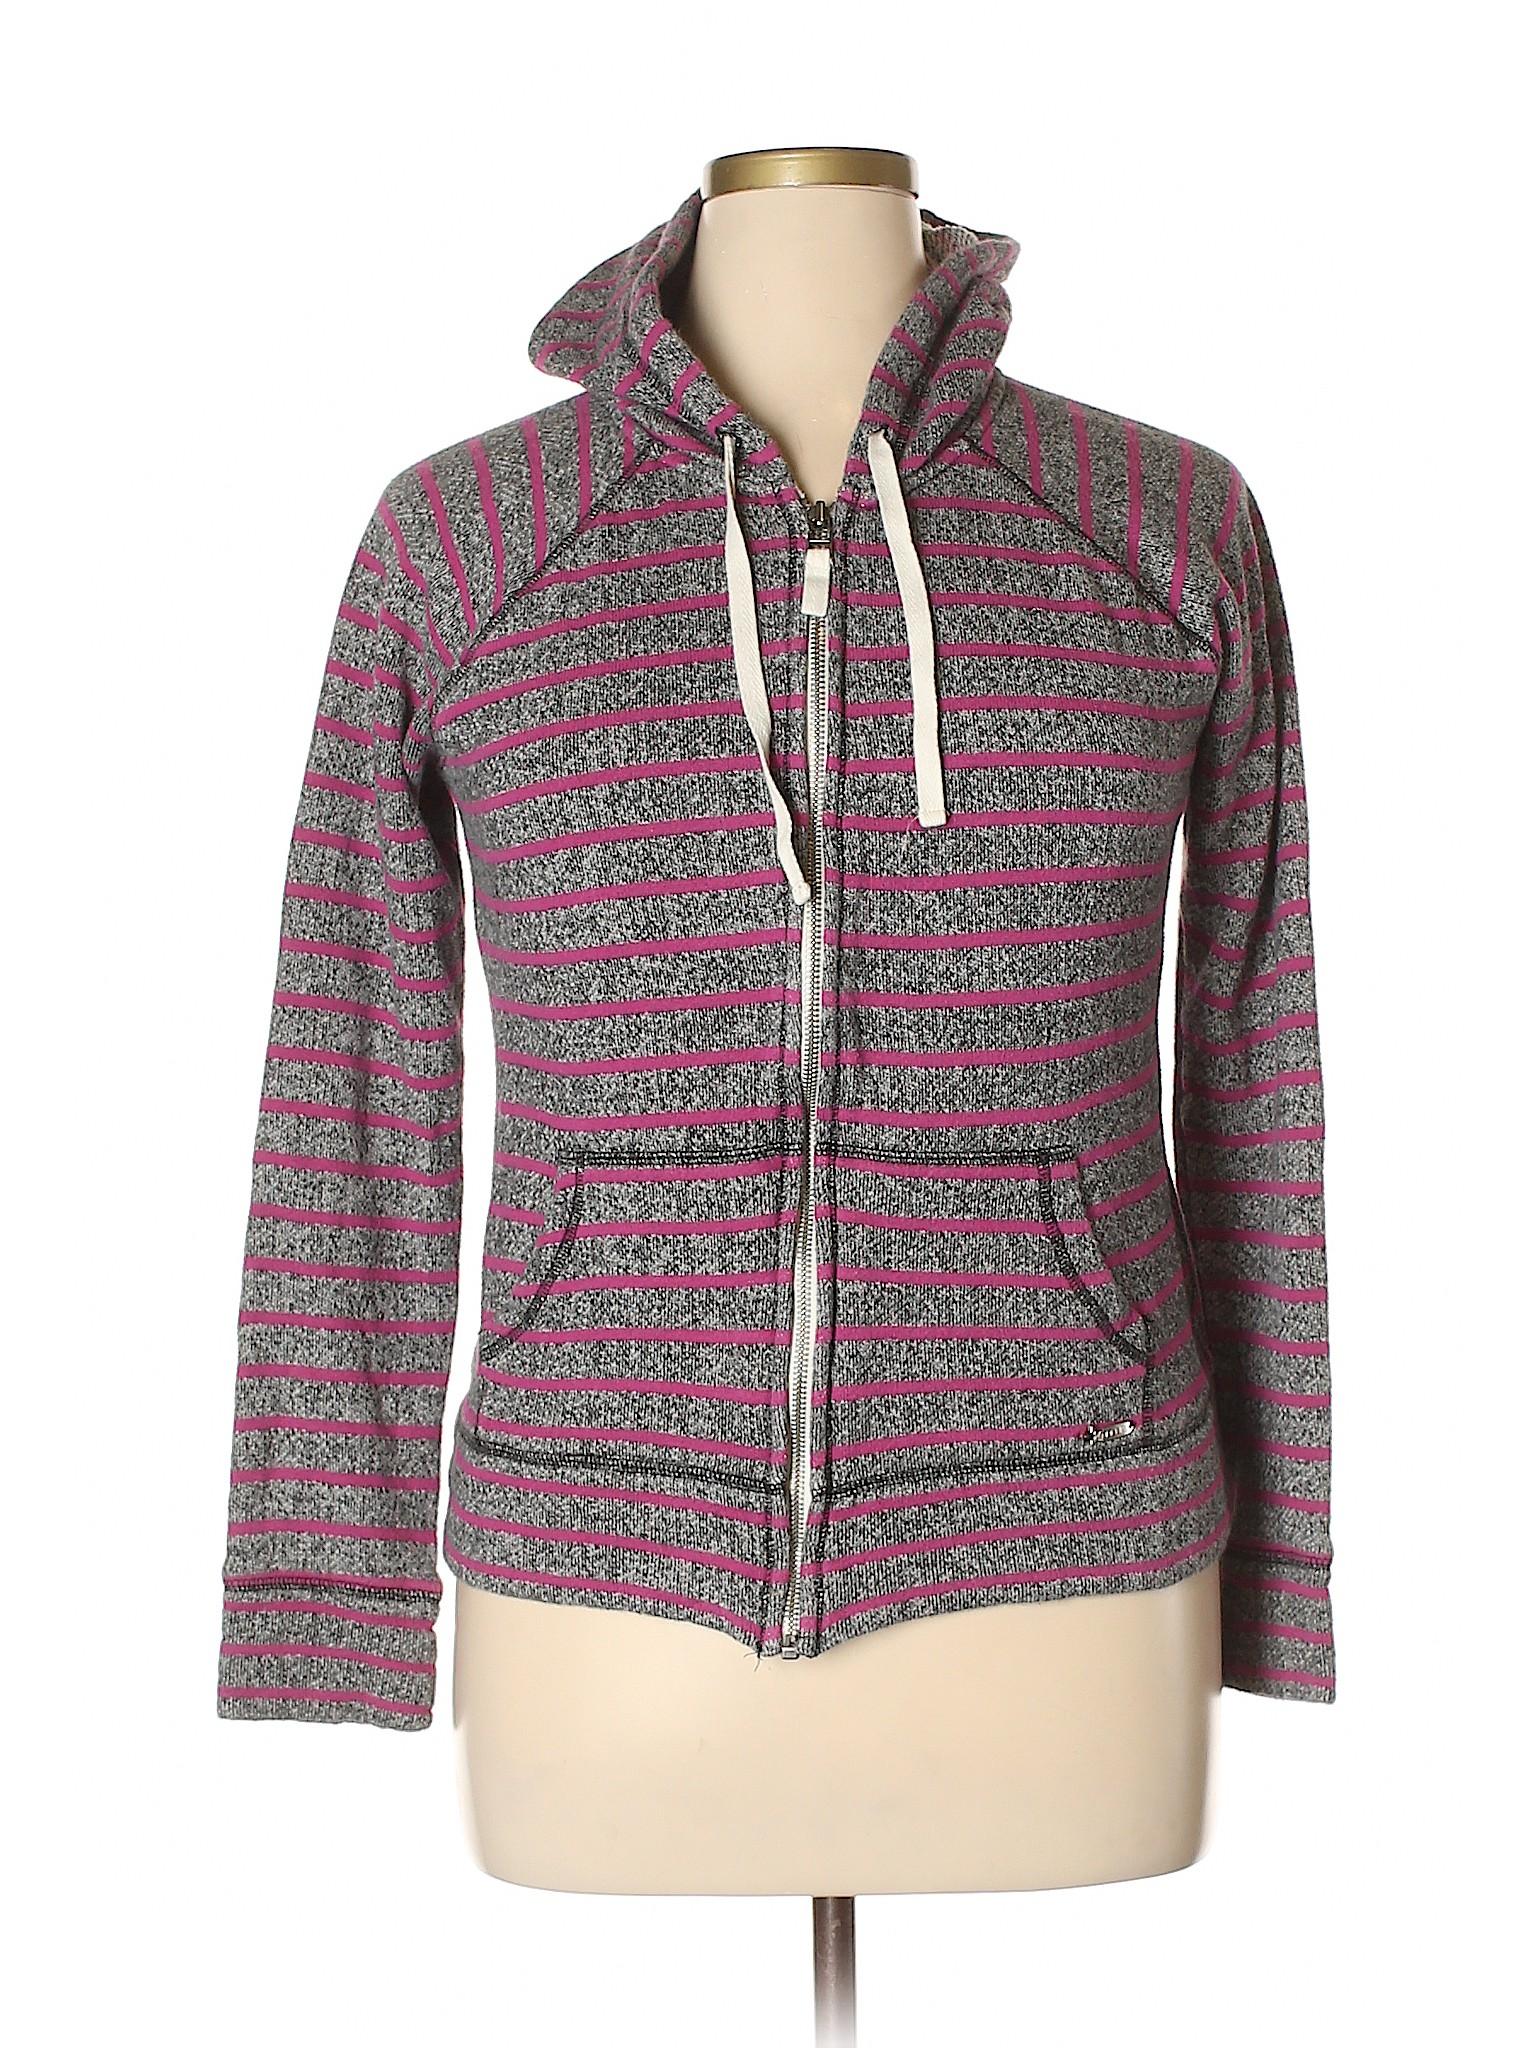 Boutique Boutique Nollie Jacket Jacket Nollie 11Zfqrw